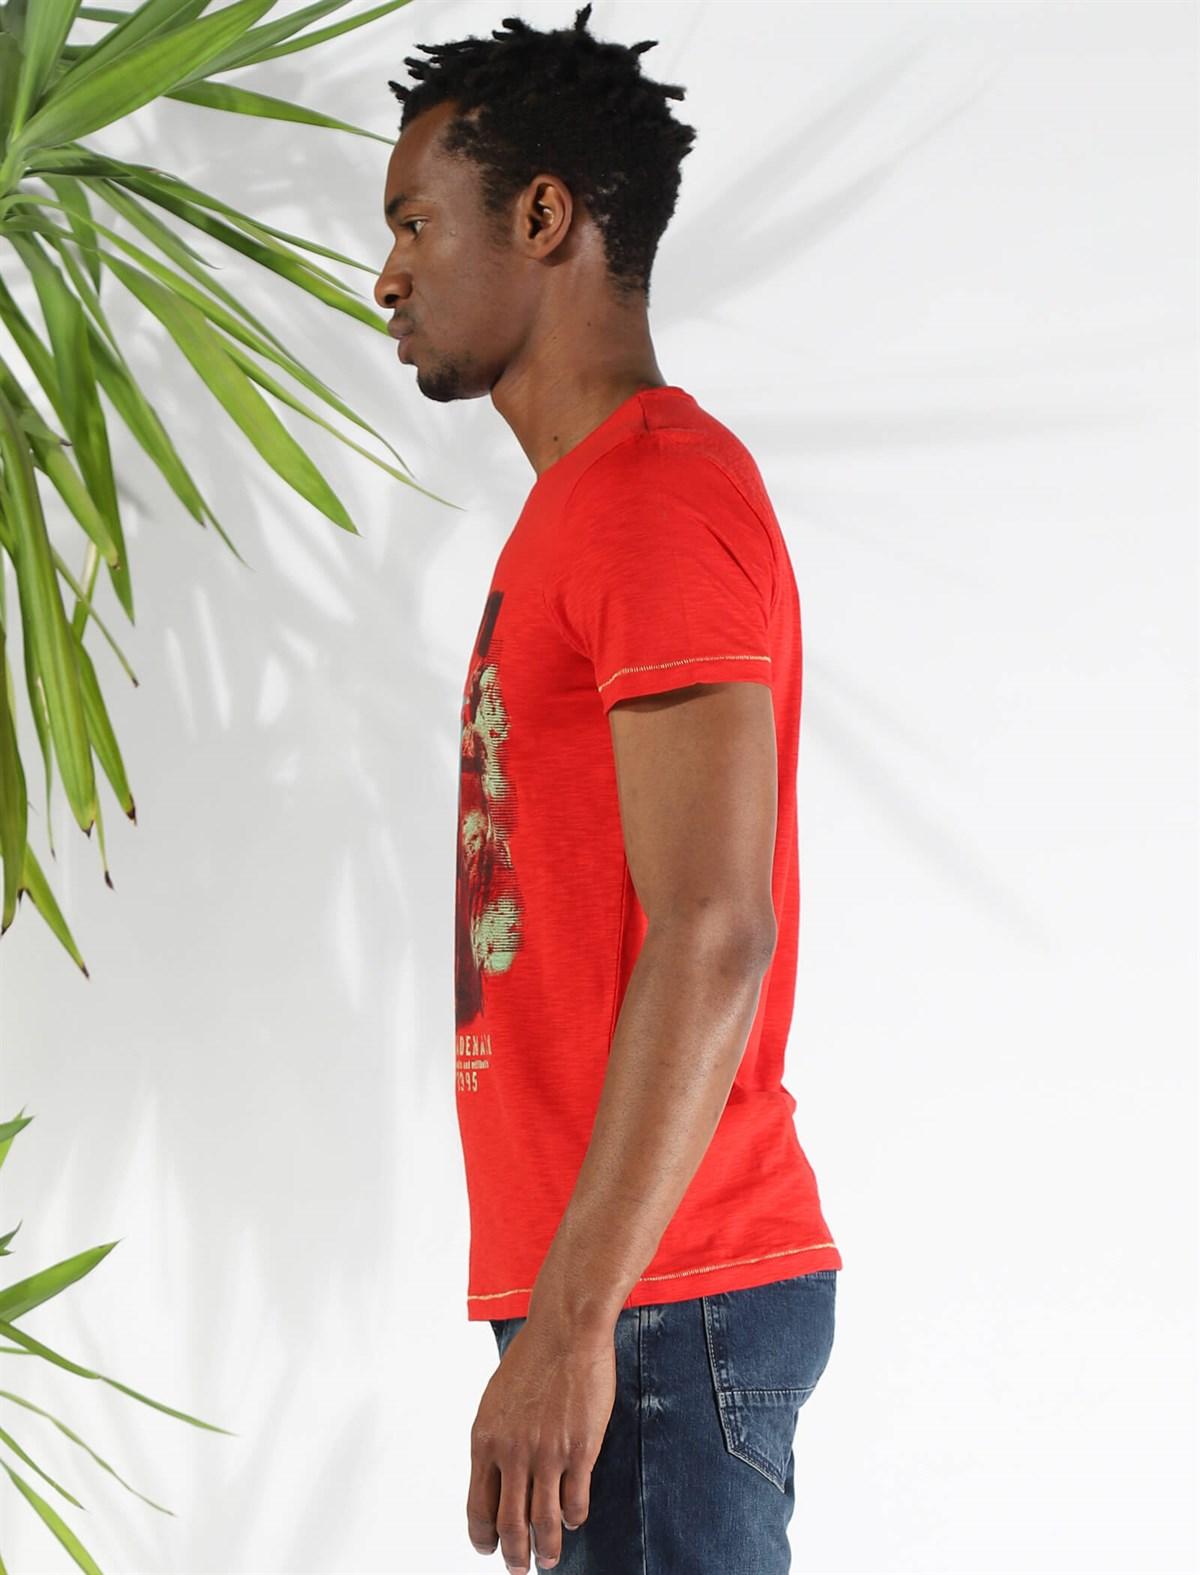 Men's Printed Red T-shirt